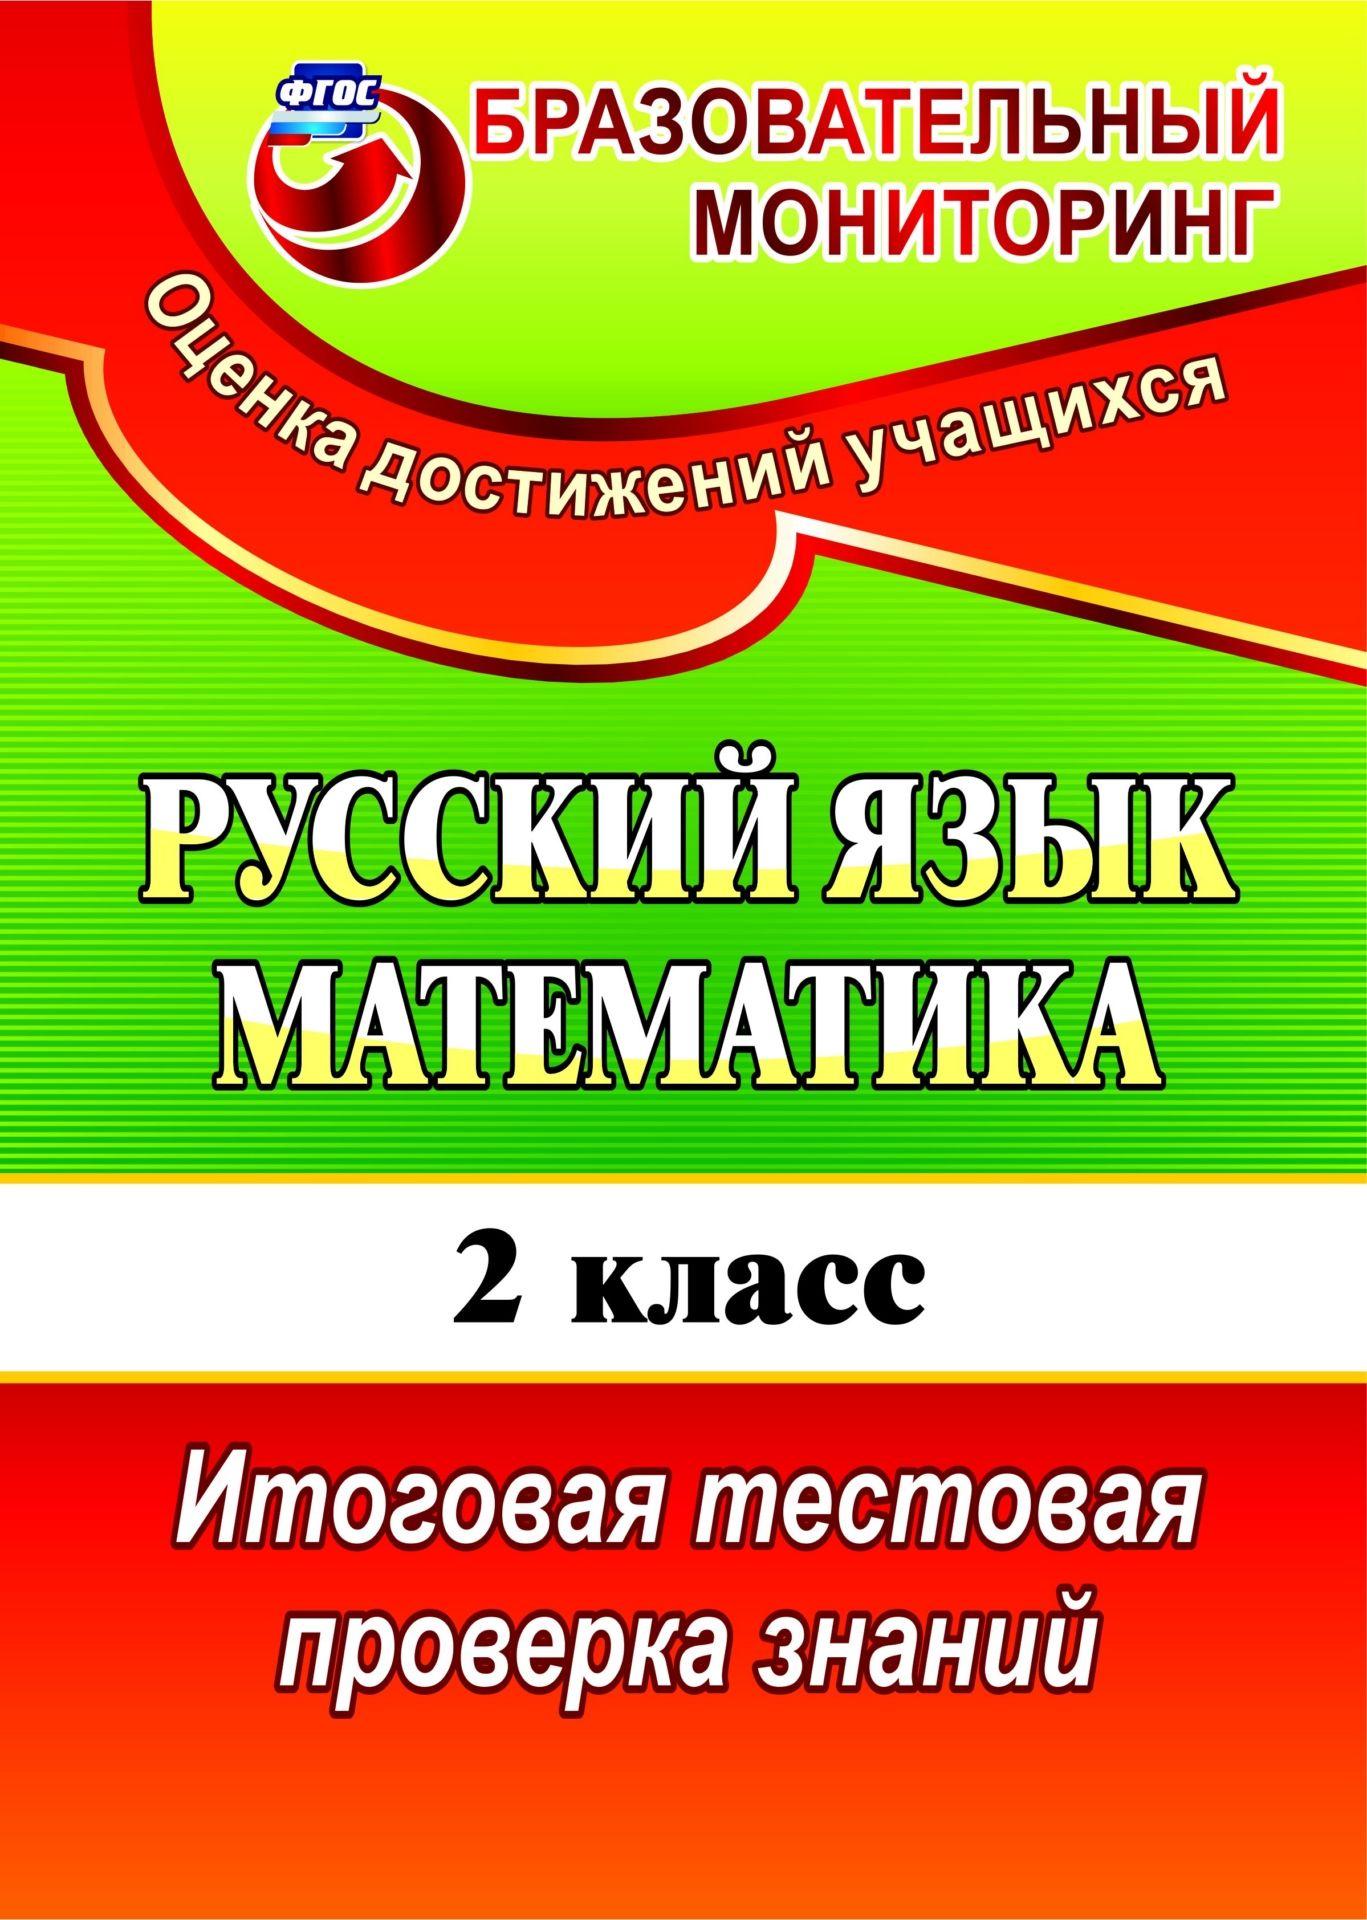 цены на Е. В. Волкова, Т. В. Типаева Русский язык. Математика. 2 класс: итоговая тестовая проверка знаний  в интернет-магазинах